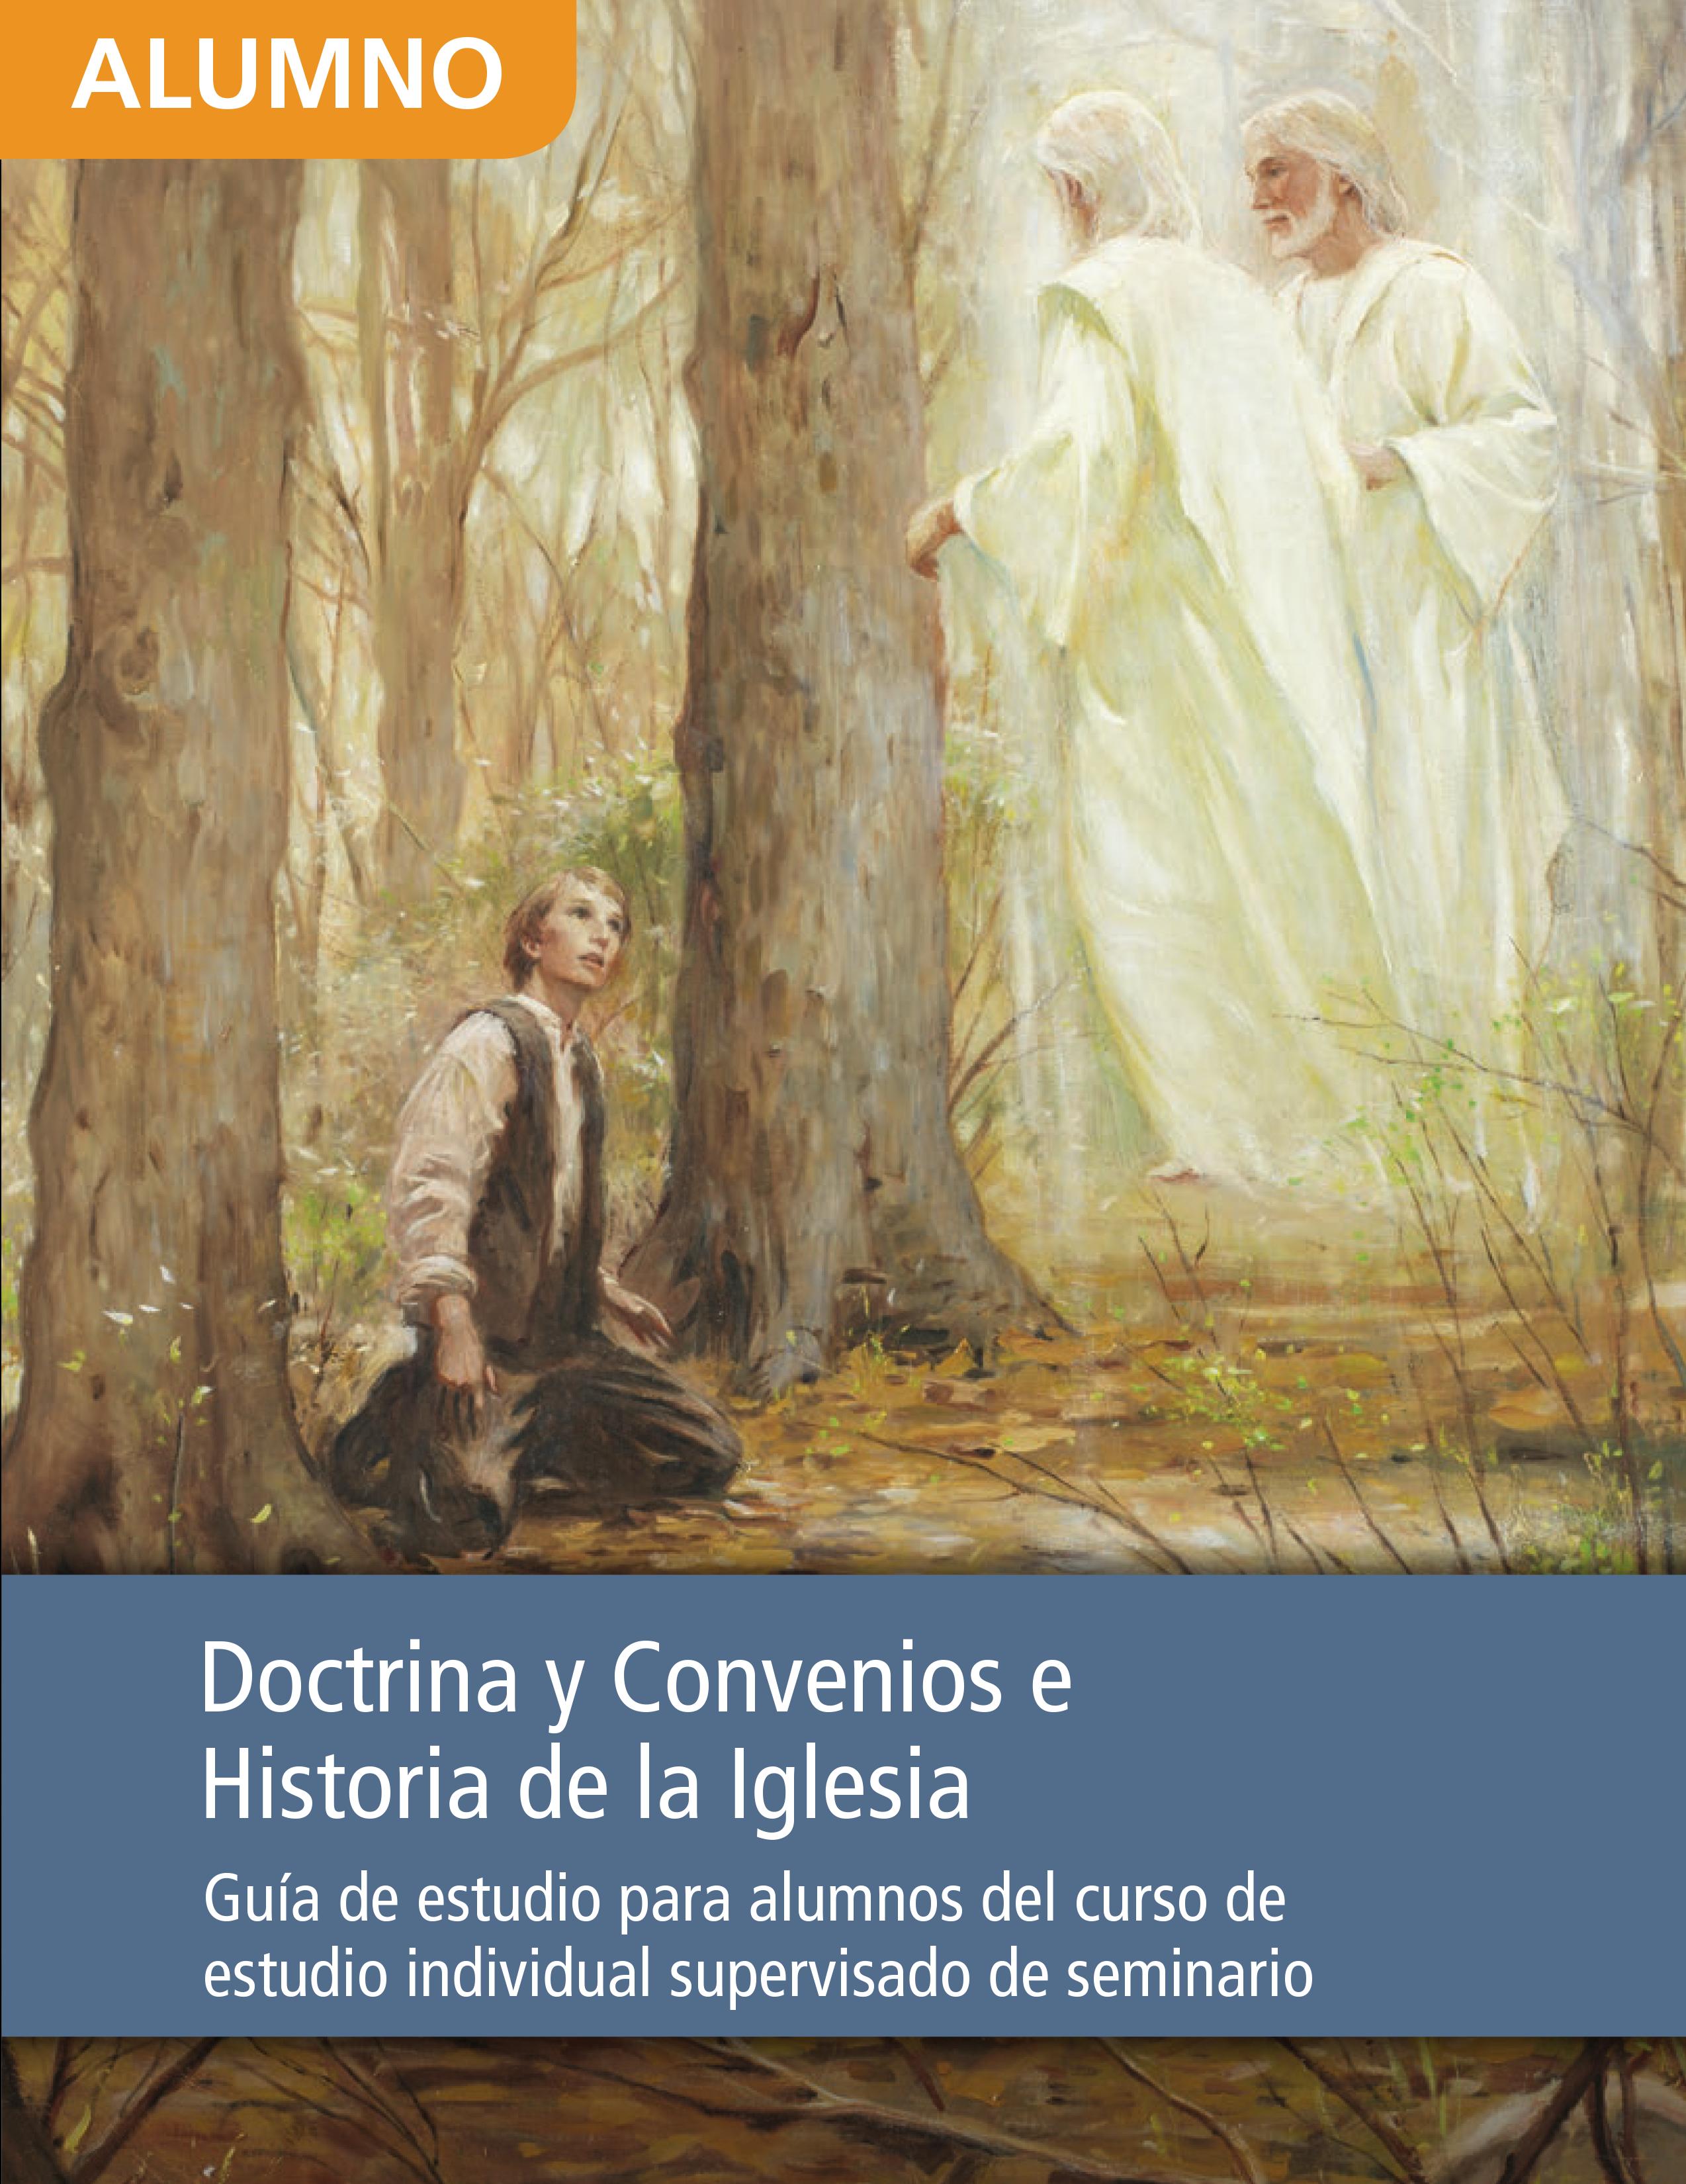 Guía de estudio de Doctrina y Convenios e Historia de la Iglesia para alumnos del curso de estudio individual supervisado de Seminario